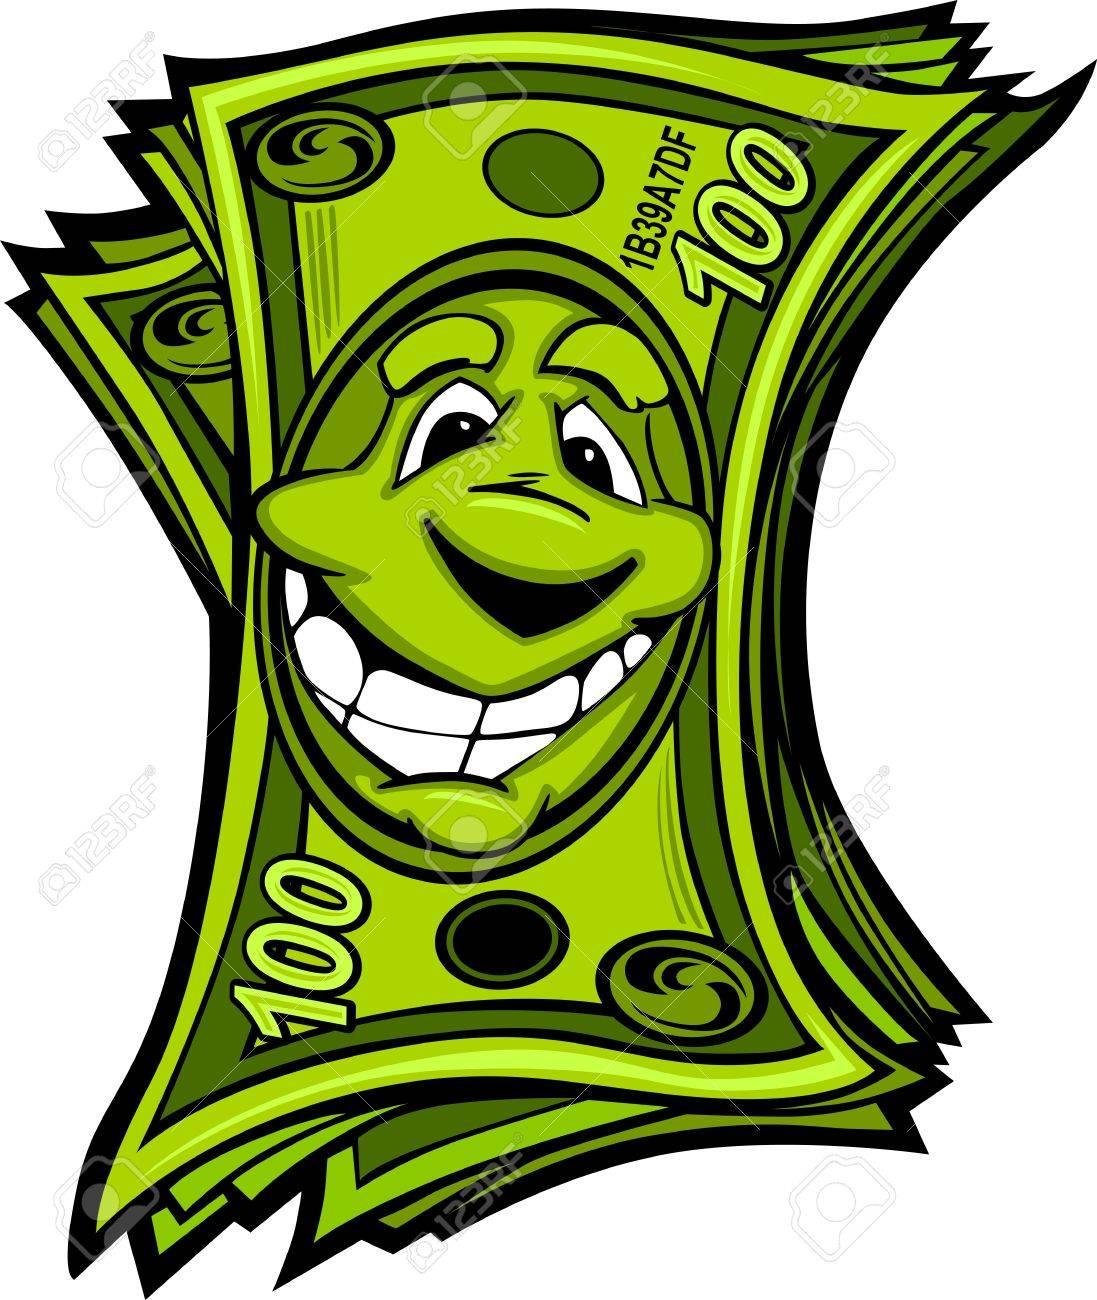 1097x1300 Dollar Bills Stock Photos. Royalty Free Dollar Bills Images